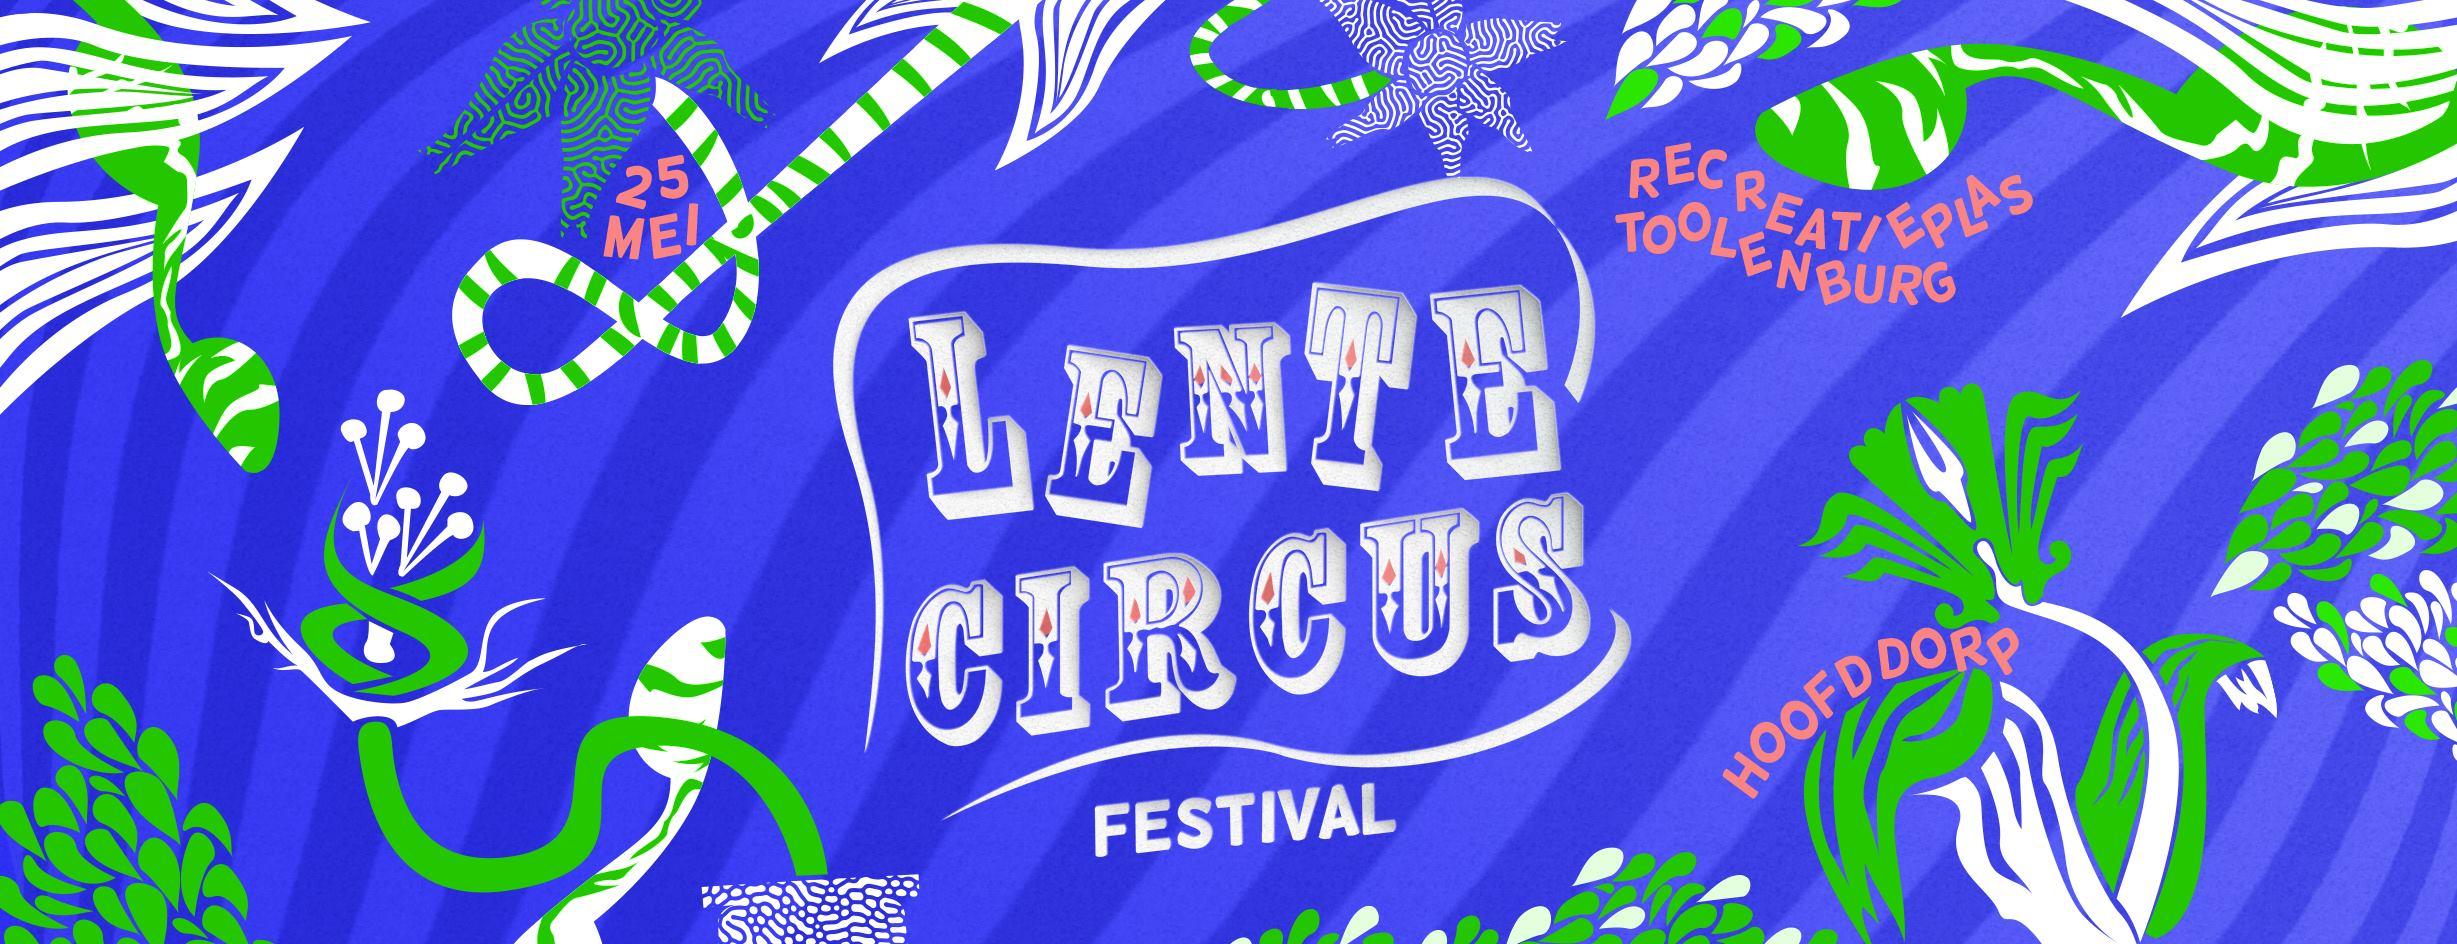 Nieuwe festivals-1